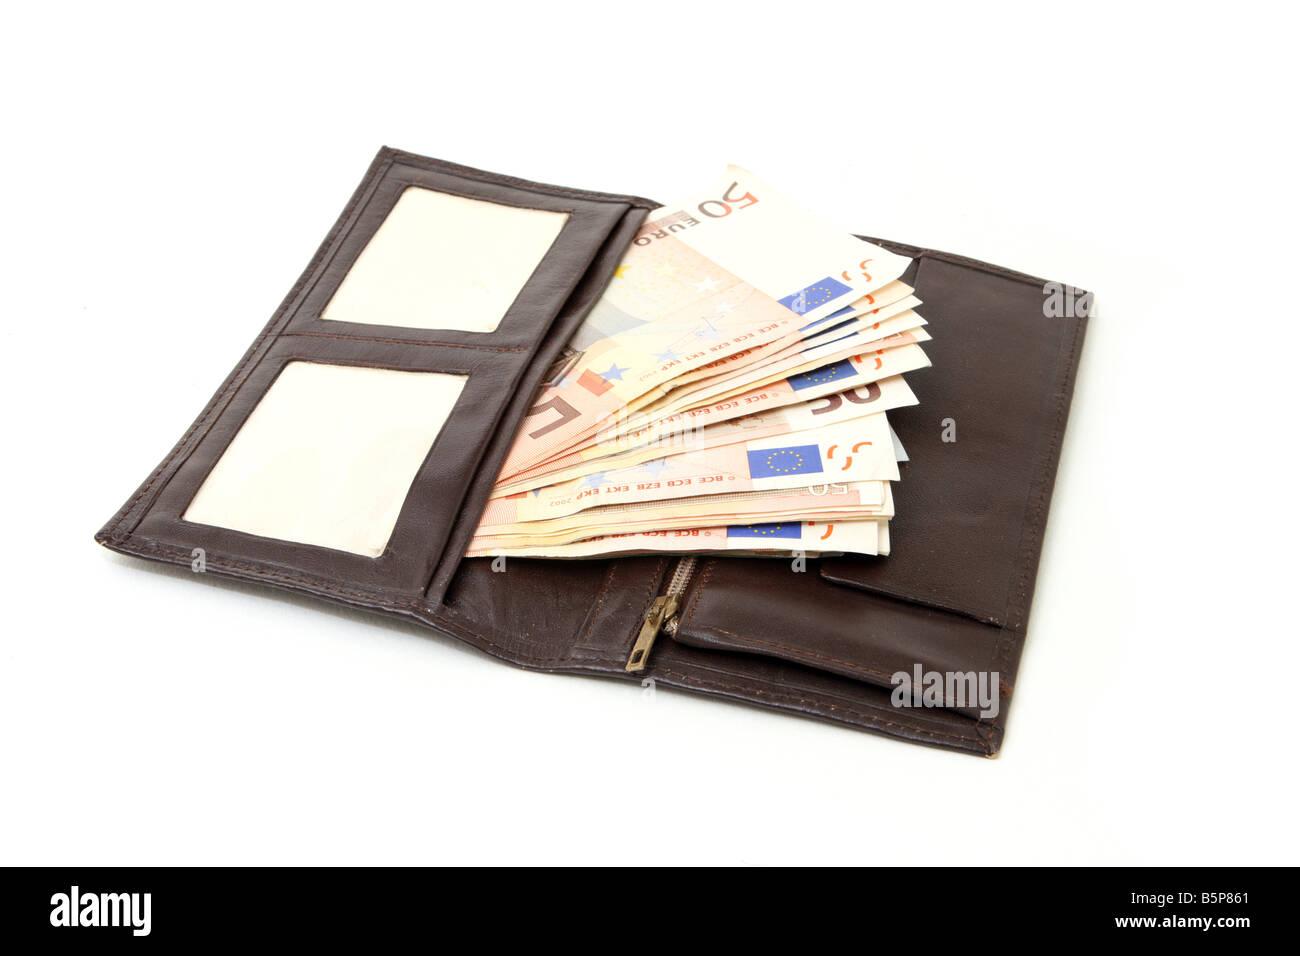 Öffnen Sie Leder Walet mit fünfzig Euro-Banknoten, die isoliert auf weißem Hintergrund Stockfoto